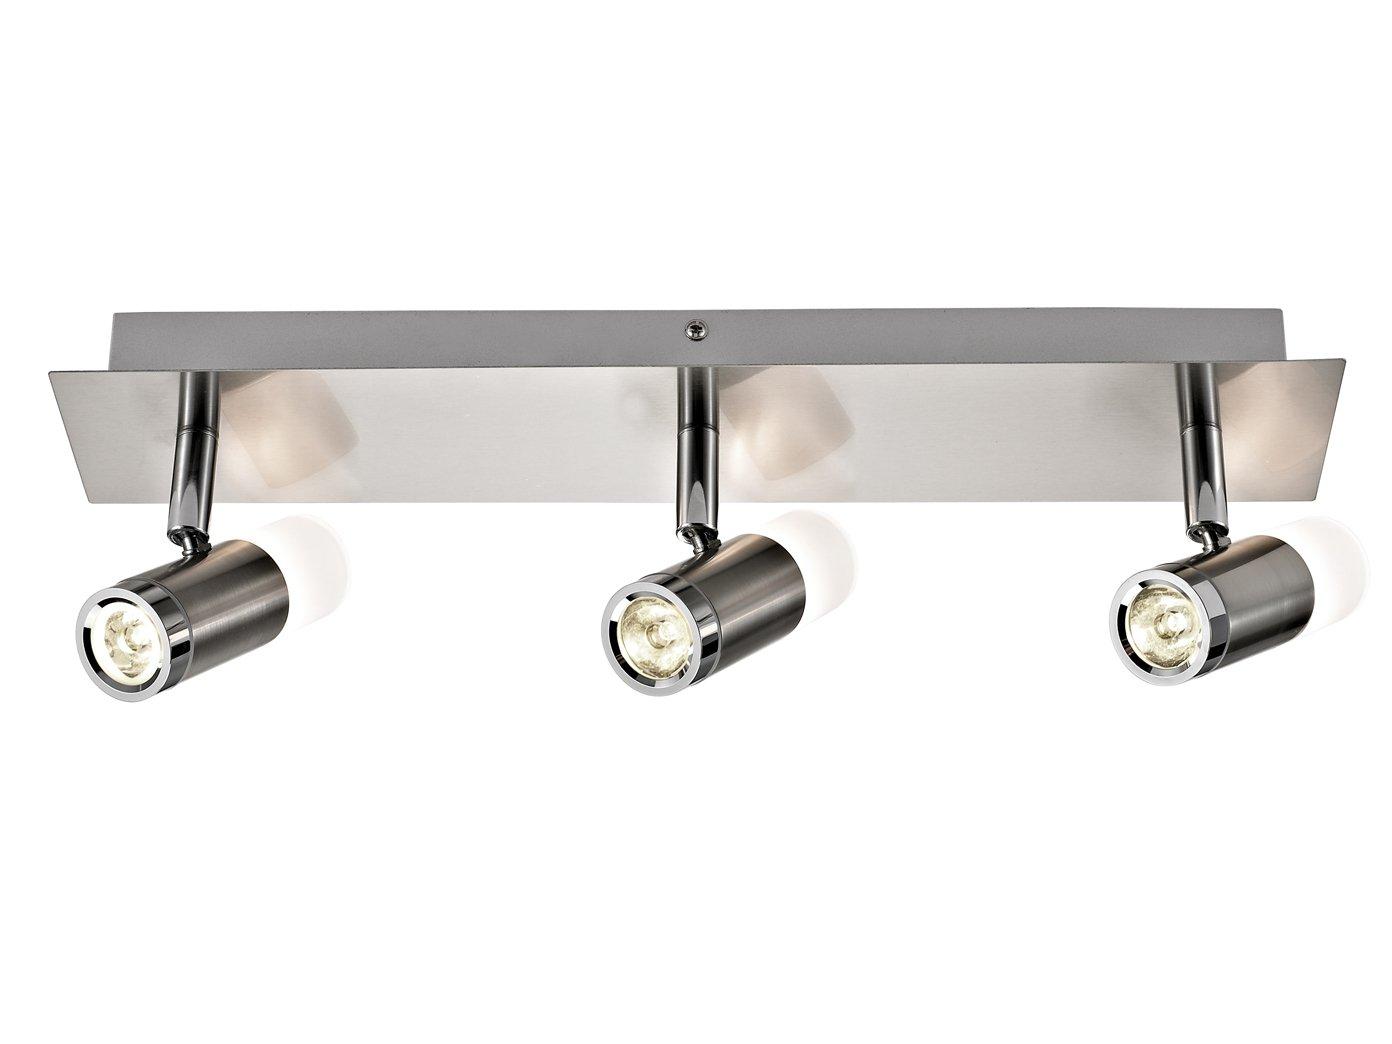 ACTION Spot Huelva 2x 4 Watt LED 230lm 3000K Lampe Deckenleuchte Bad Strahler